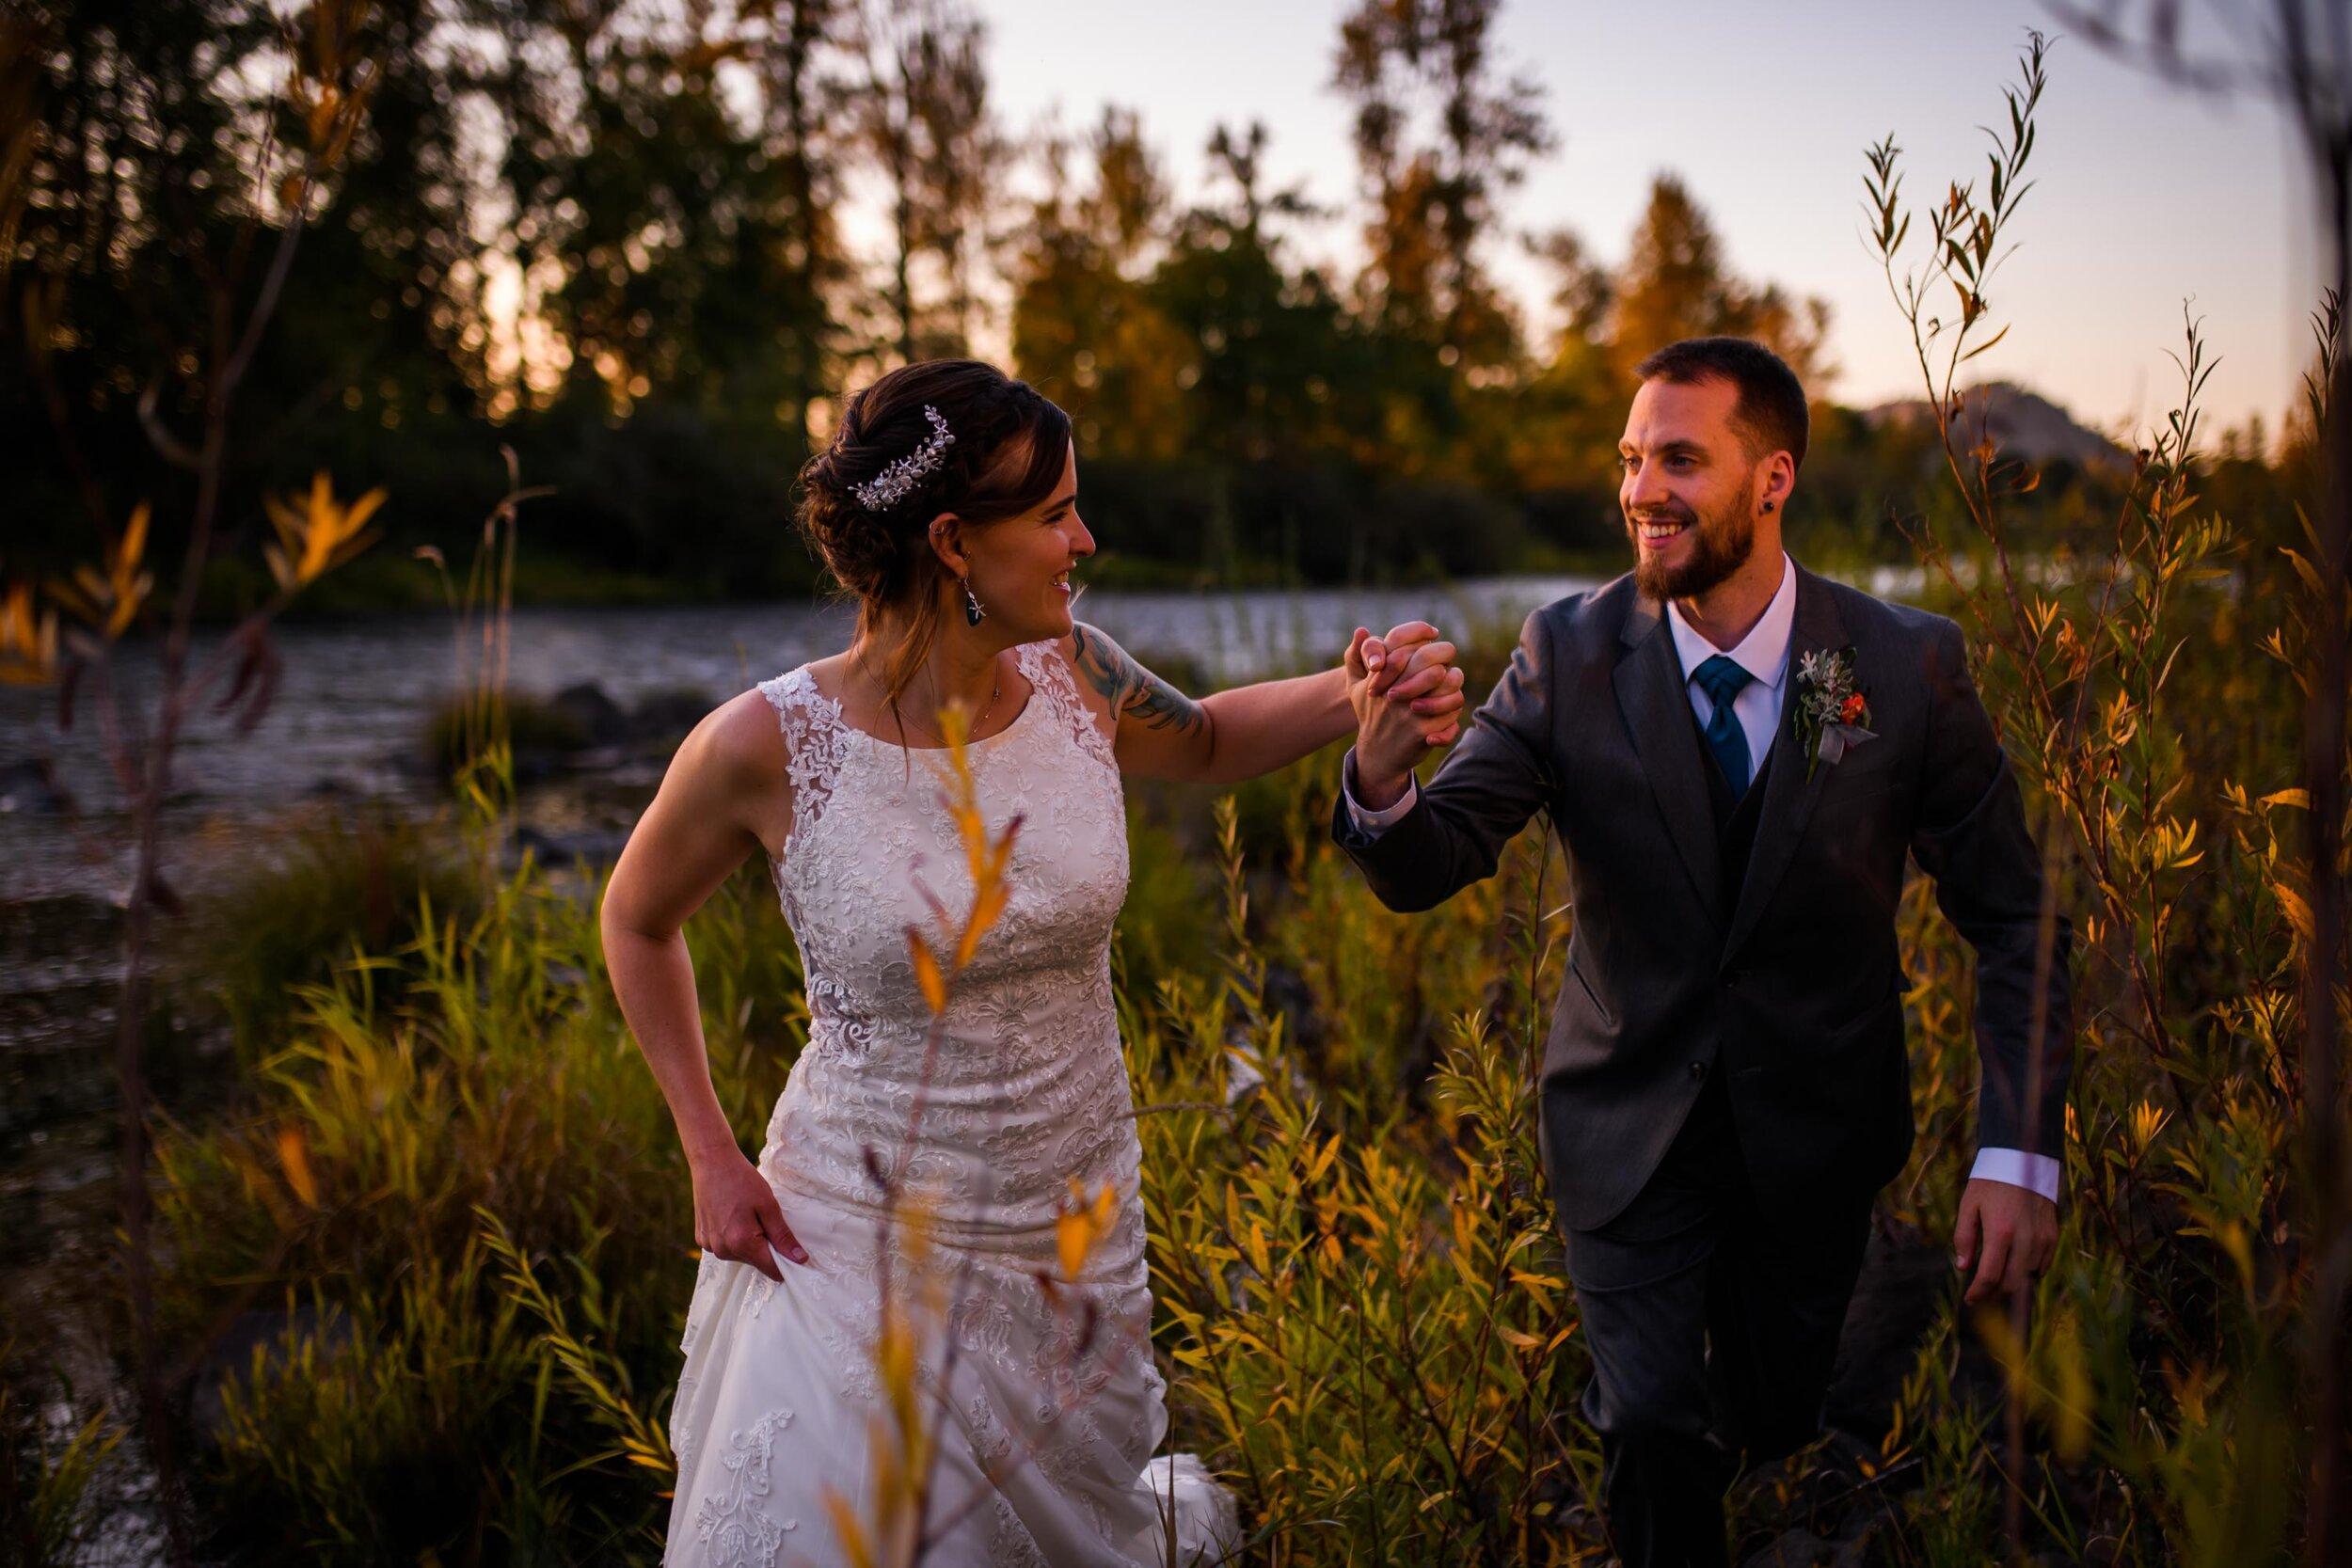 Mt. Pisgah Arboretum wedding photos 115.JPG